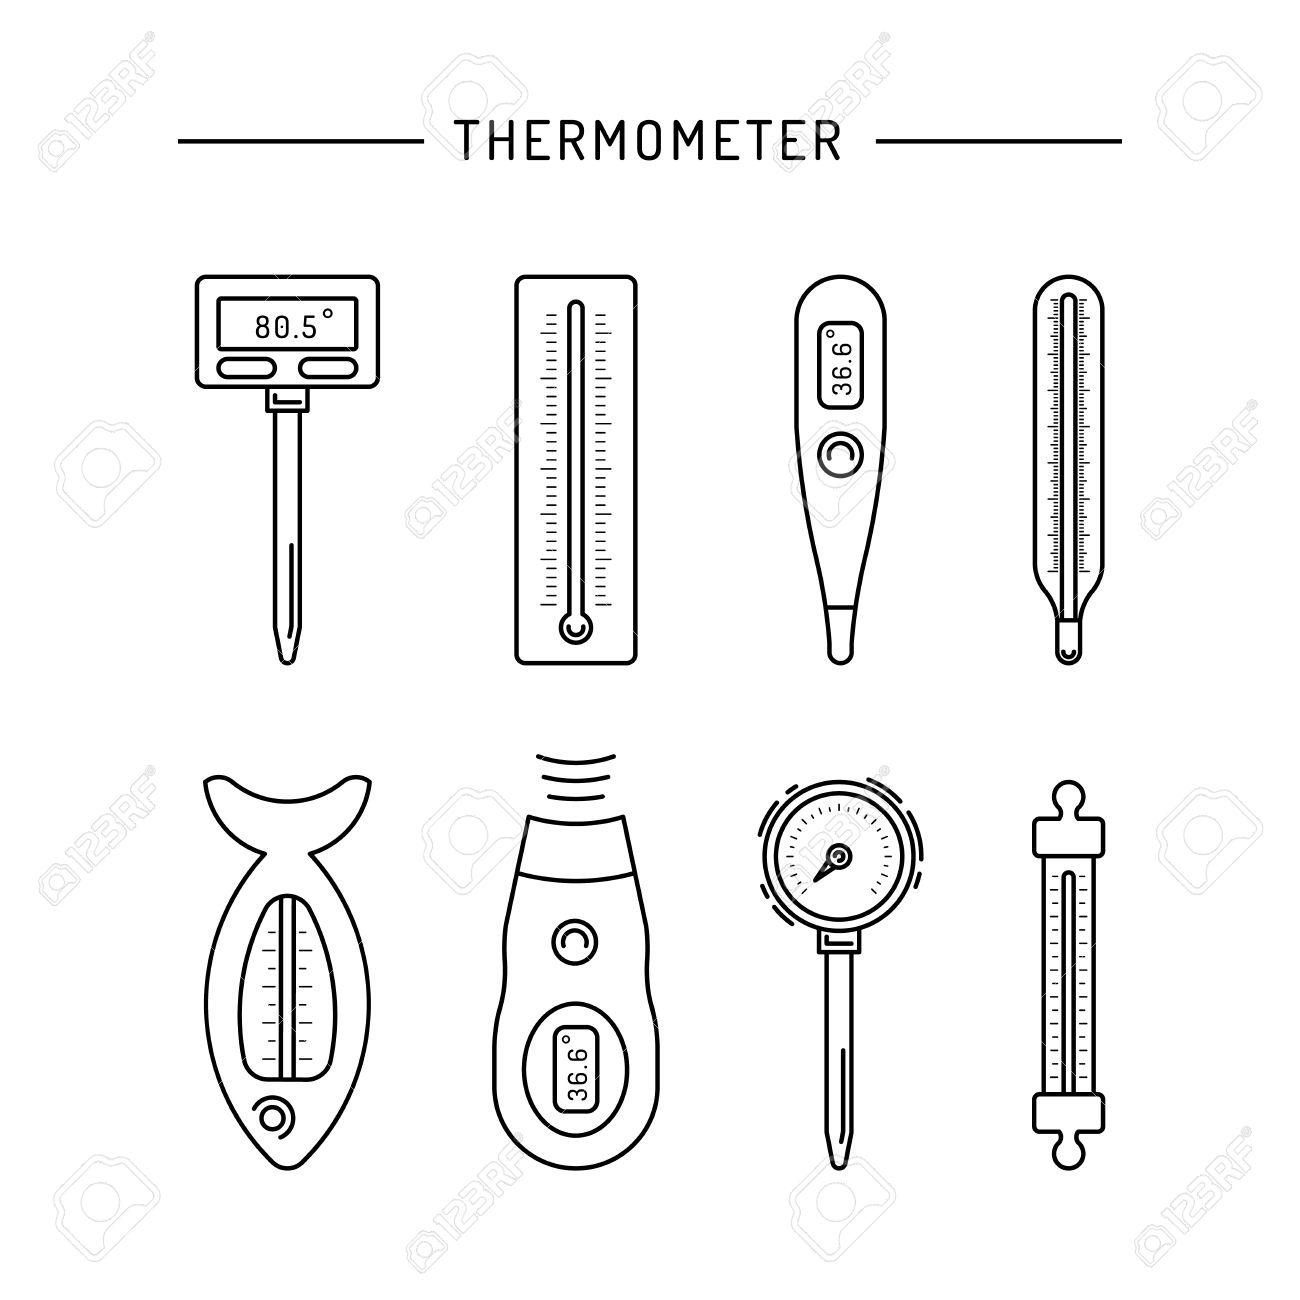 Iconos Termometro Imagen Se Dibujan En Un Estilo Lineal Un Dispositivo Para Medir La Temperatura Varios Tipos De Termometros Electronicos Infrarrojos Liquido La Medicion De La Temperatura Corporal La Comida El Medio Descubrí la mejor forma de comprar online. iconos termometro imagen se dibujan en un estilo lineal un dispositivo para medir la temperatura varios tipos de termometros electronicos